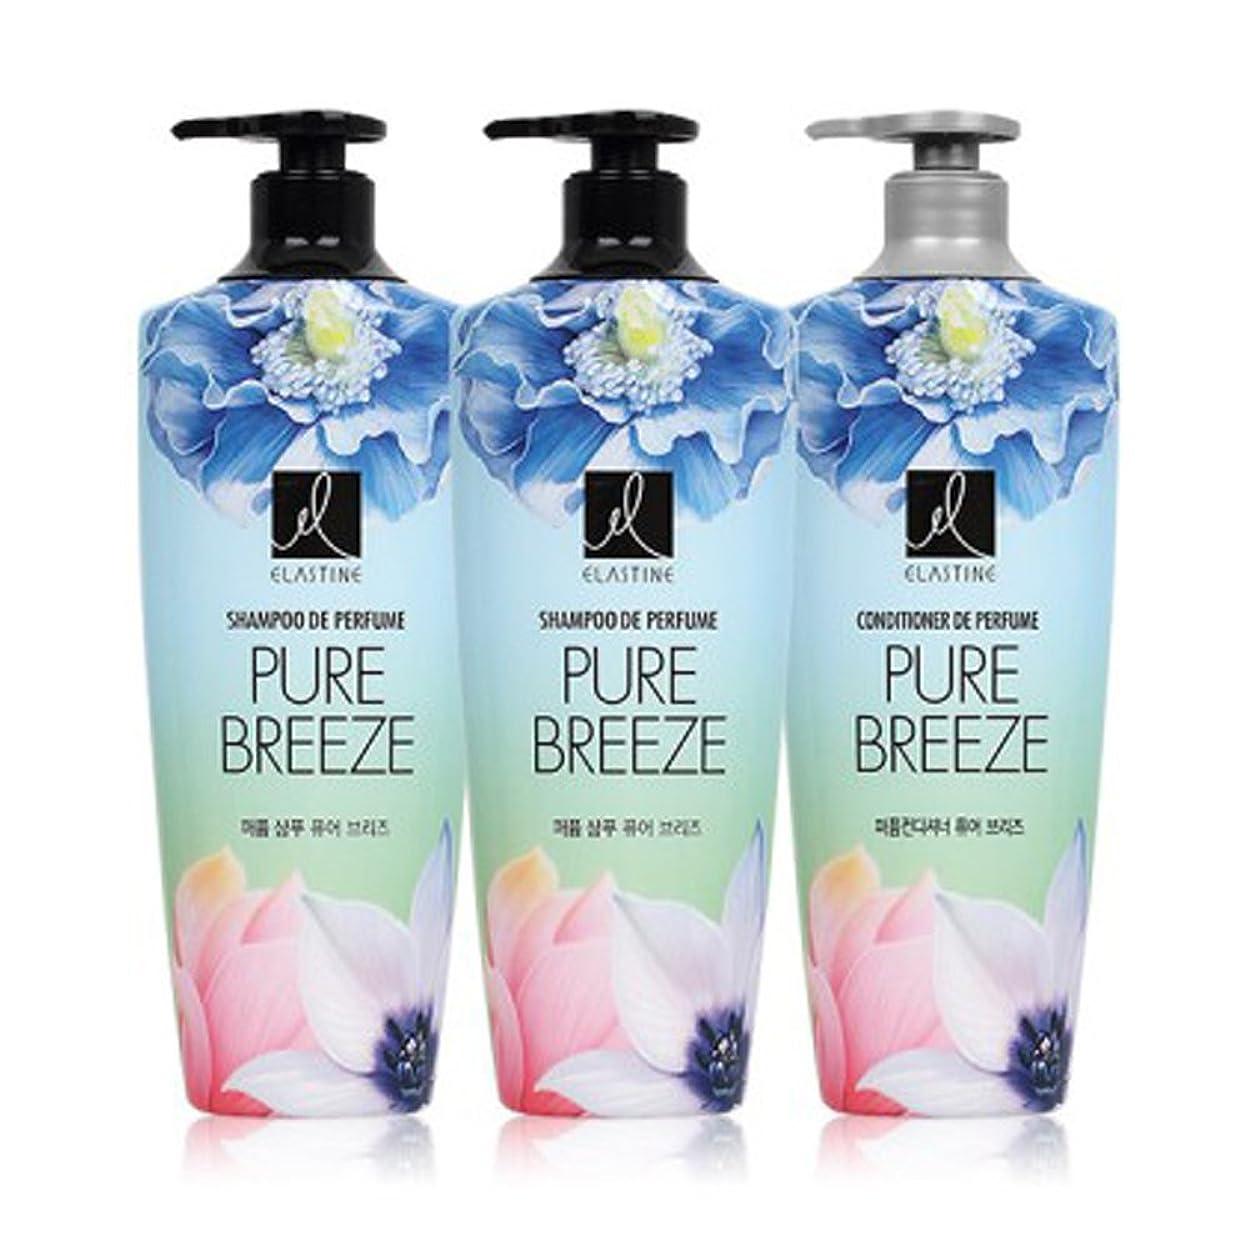 書誌真っ逆さまデッキ[エラスティン] Elastine Perfume PURE BREEZE シャンプー600ml x 2本, コンディショナー600ml x 1本 / パフュームピュアブリーズ [並行輸入品]